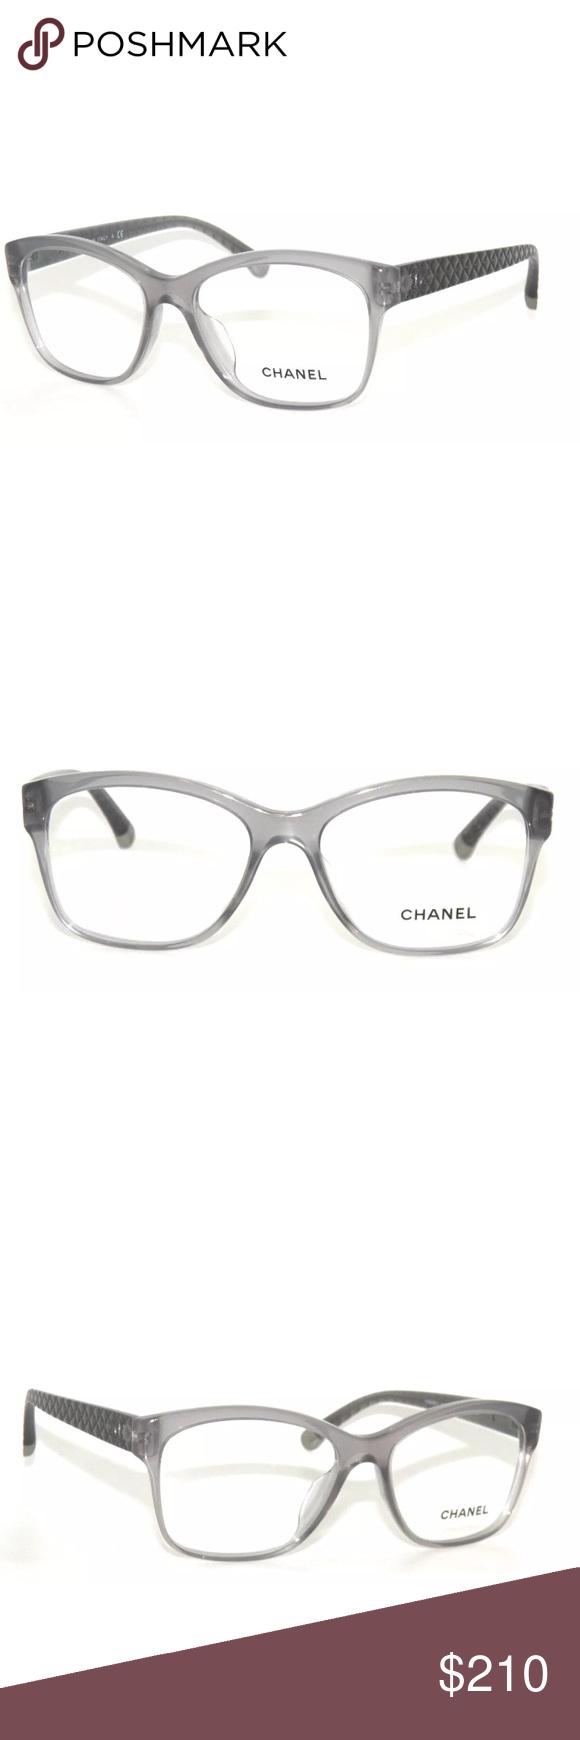 2da613fa591 Chanel 3324 Opal Grey Eyeglasses Frame New